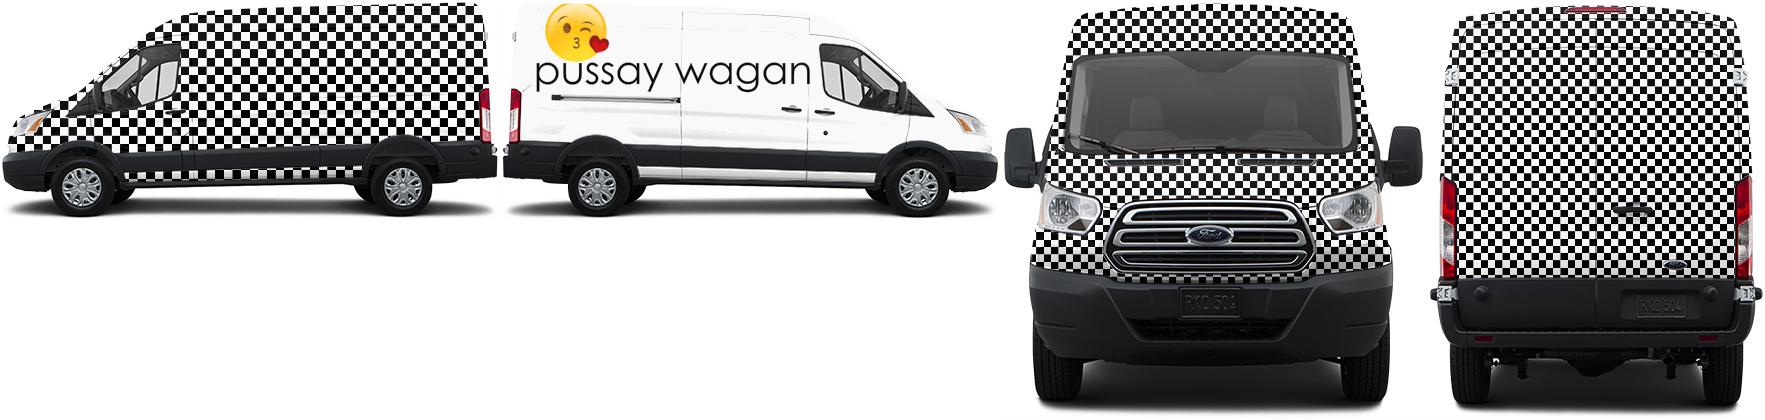 Transit Van Wrap #52854